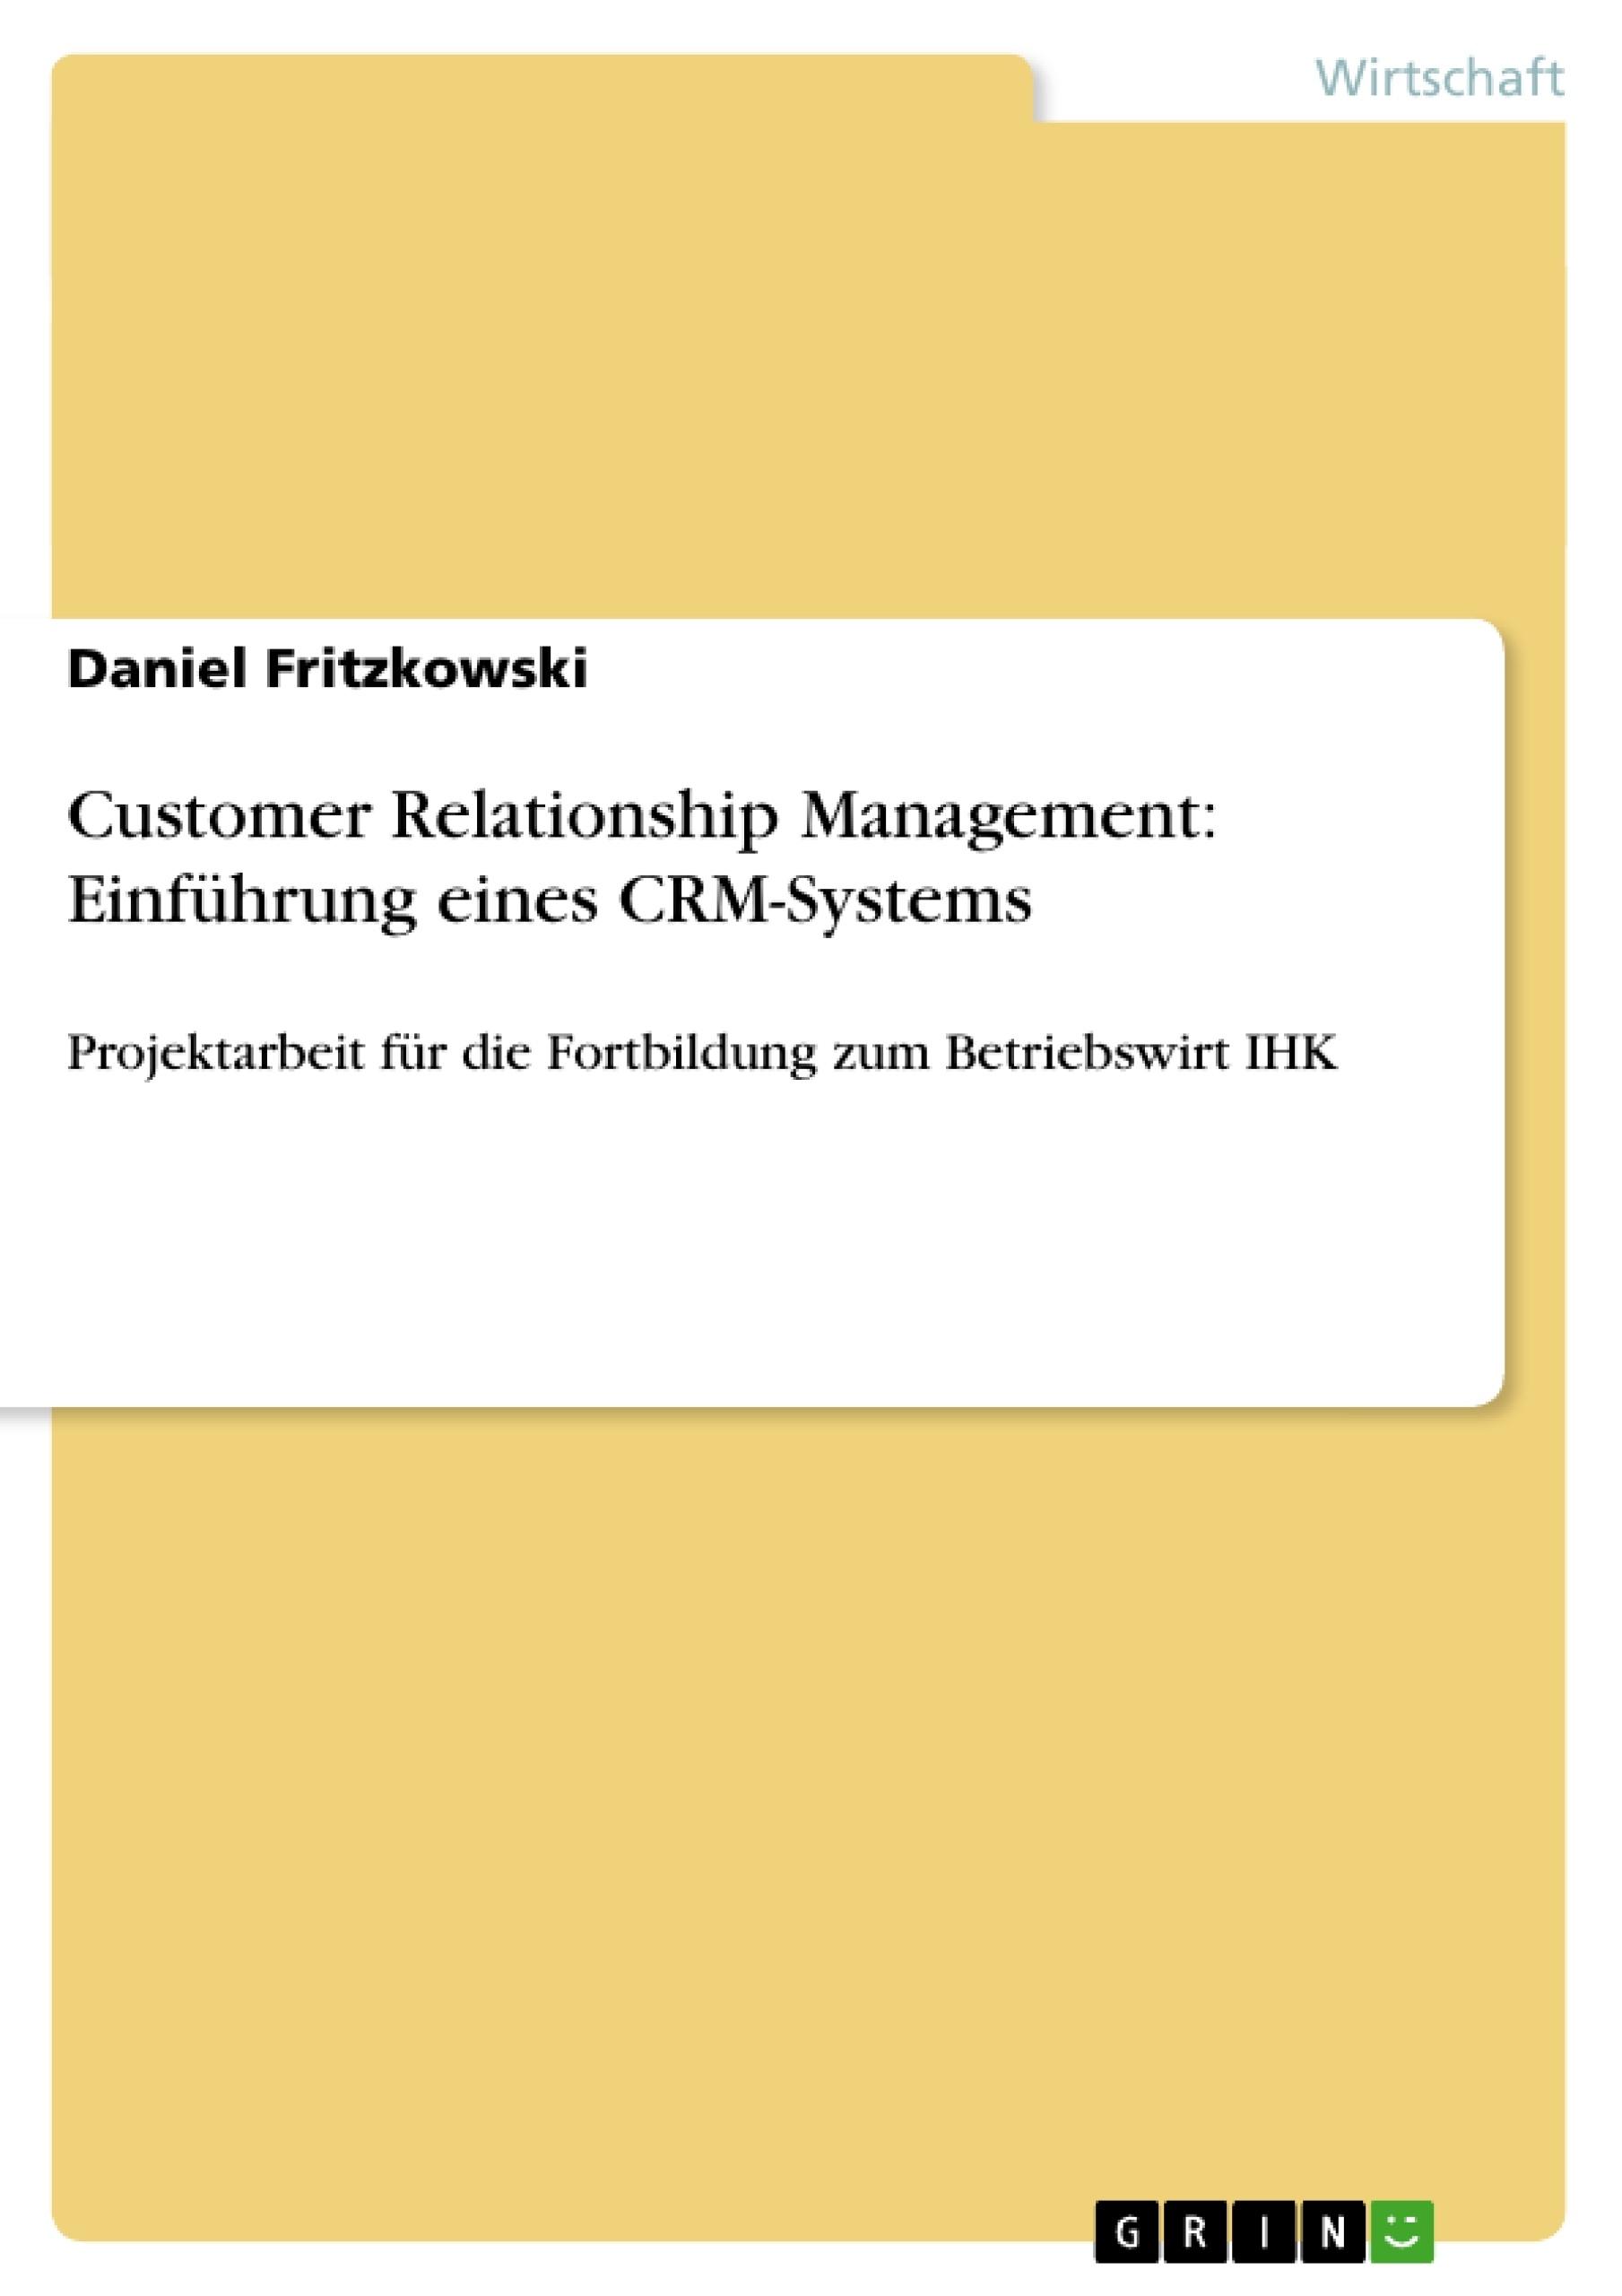 Titel: Customer Relationship Management: Einführung eines CRM-Systems